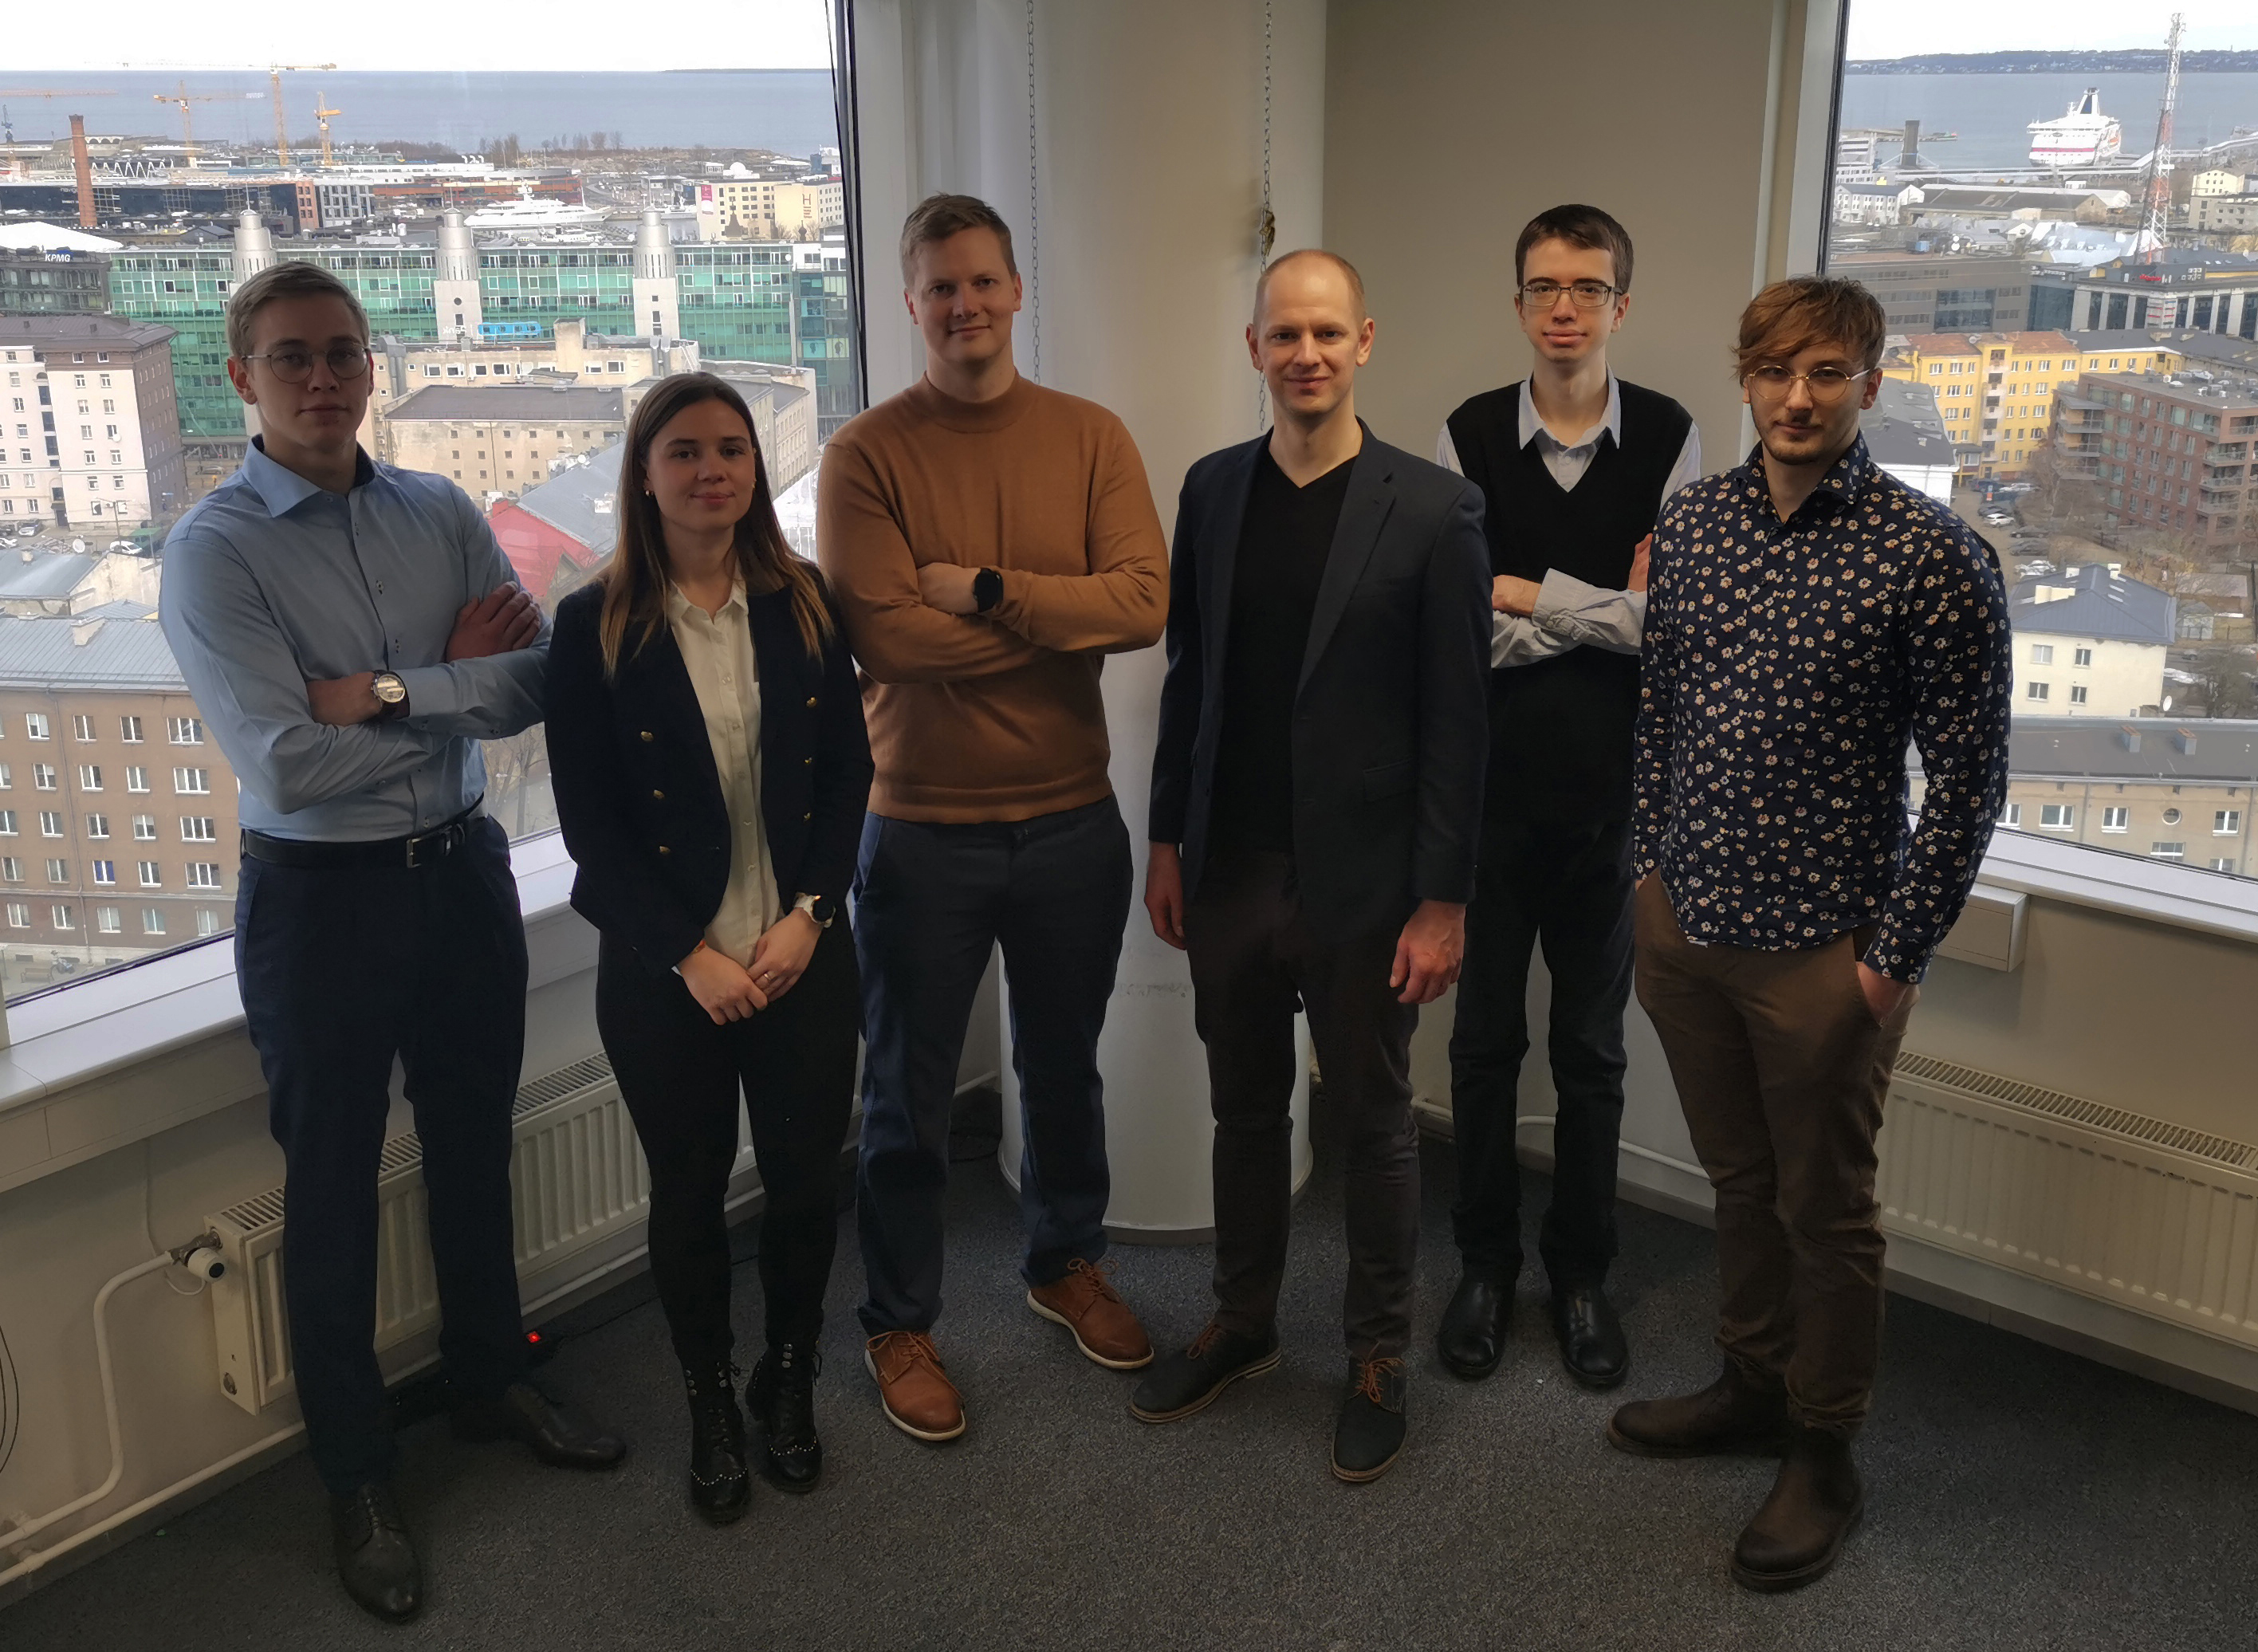 Eelmise aasta lõpus oma esimese rahastusringi edukalt läbi viinud Eesti fintech idufirma Hoovi kaasas kohalikelt investoritelt 1,5 miljonit eurot oma tegevuse laiendamiseks koduturul.